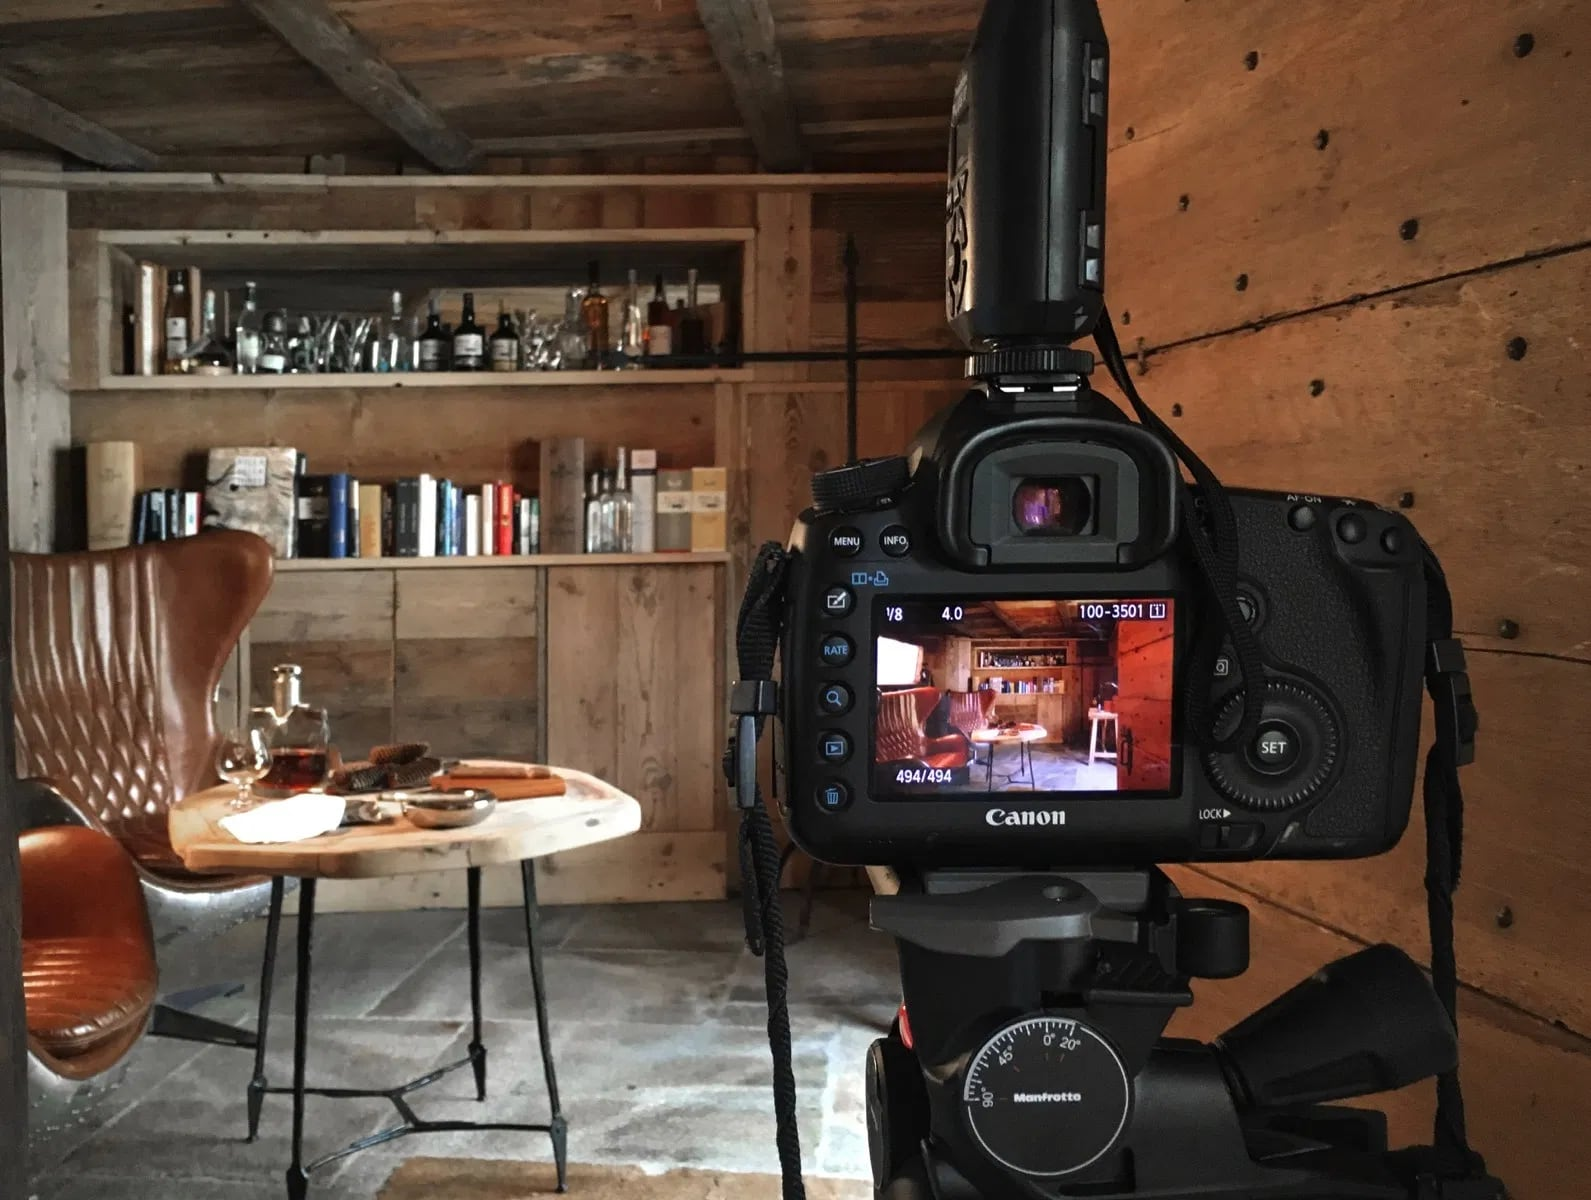 lo schermo di una macchina fotografica digitale che inquadra una scena in hotel